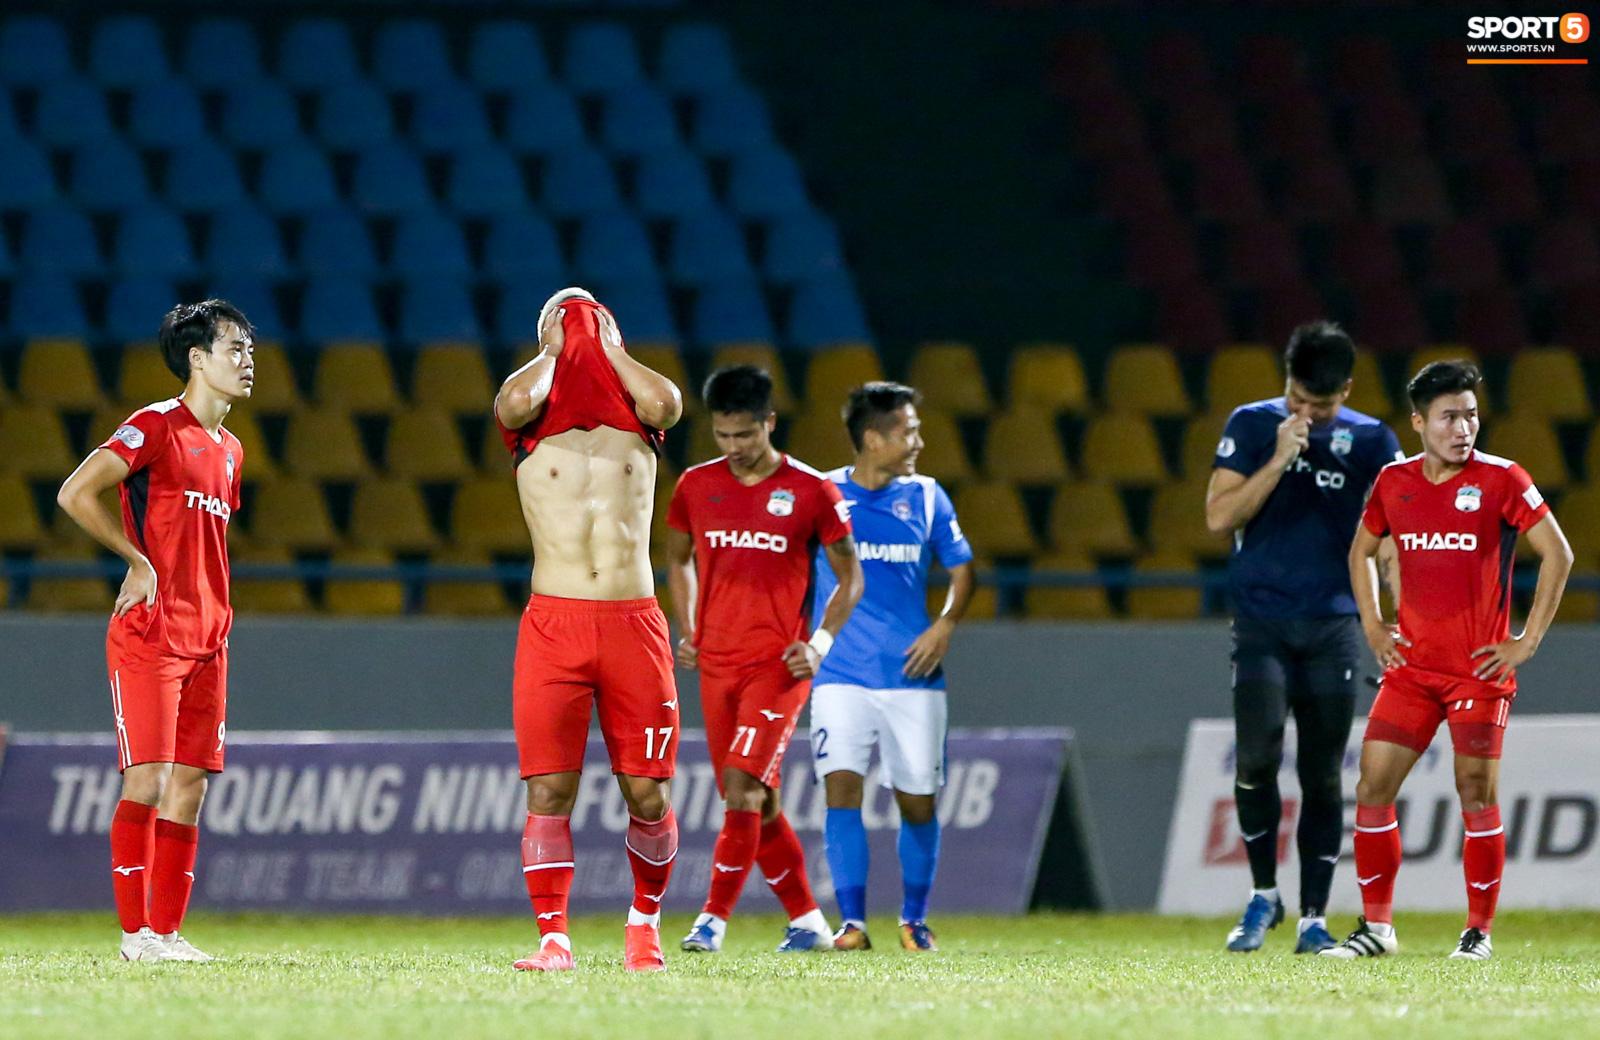 HAGL: Kho điểm trên đường đua vô địch V.League và lời thú nhận đội nhà đá chán của Văn Toàn - Ảnh 1.